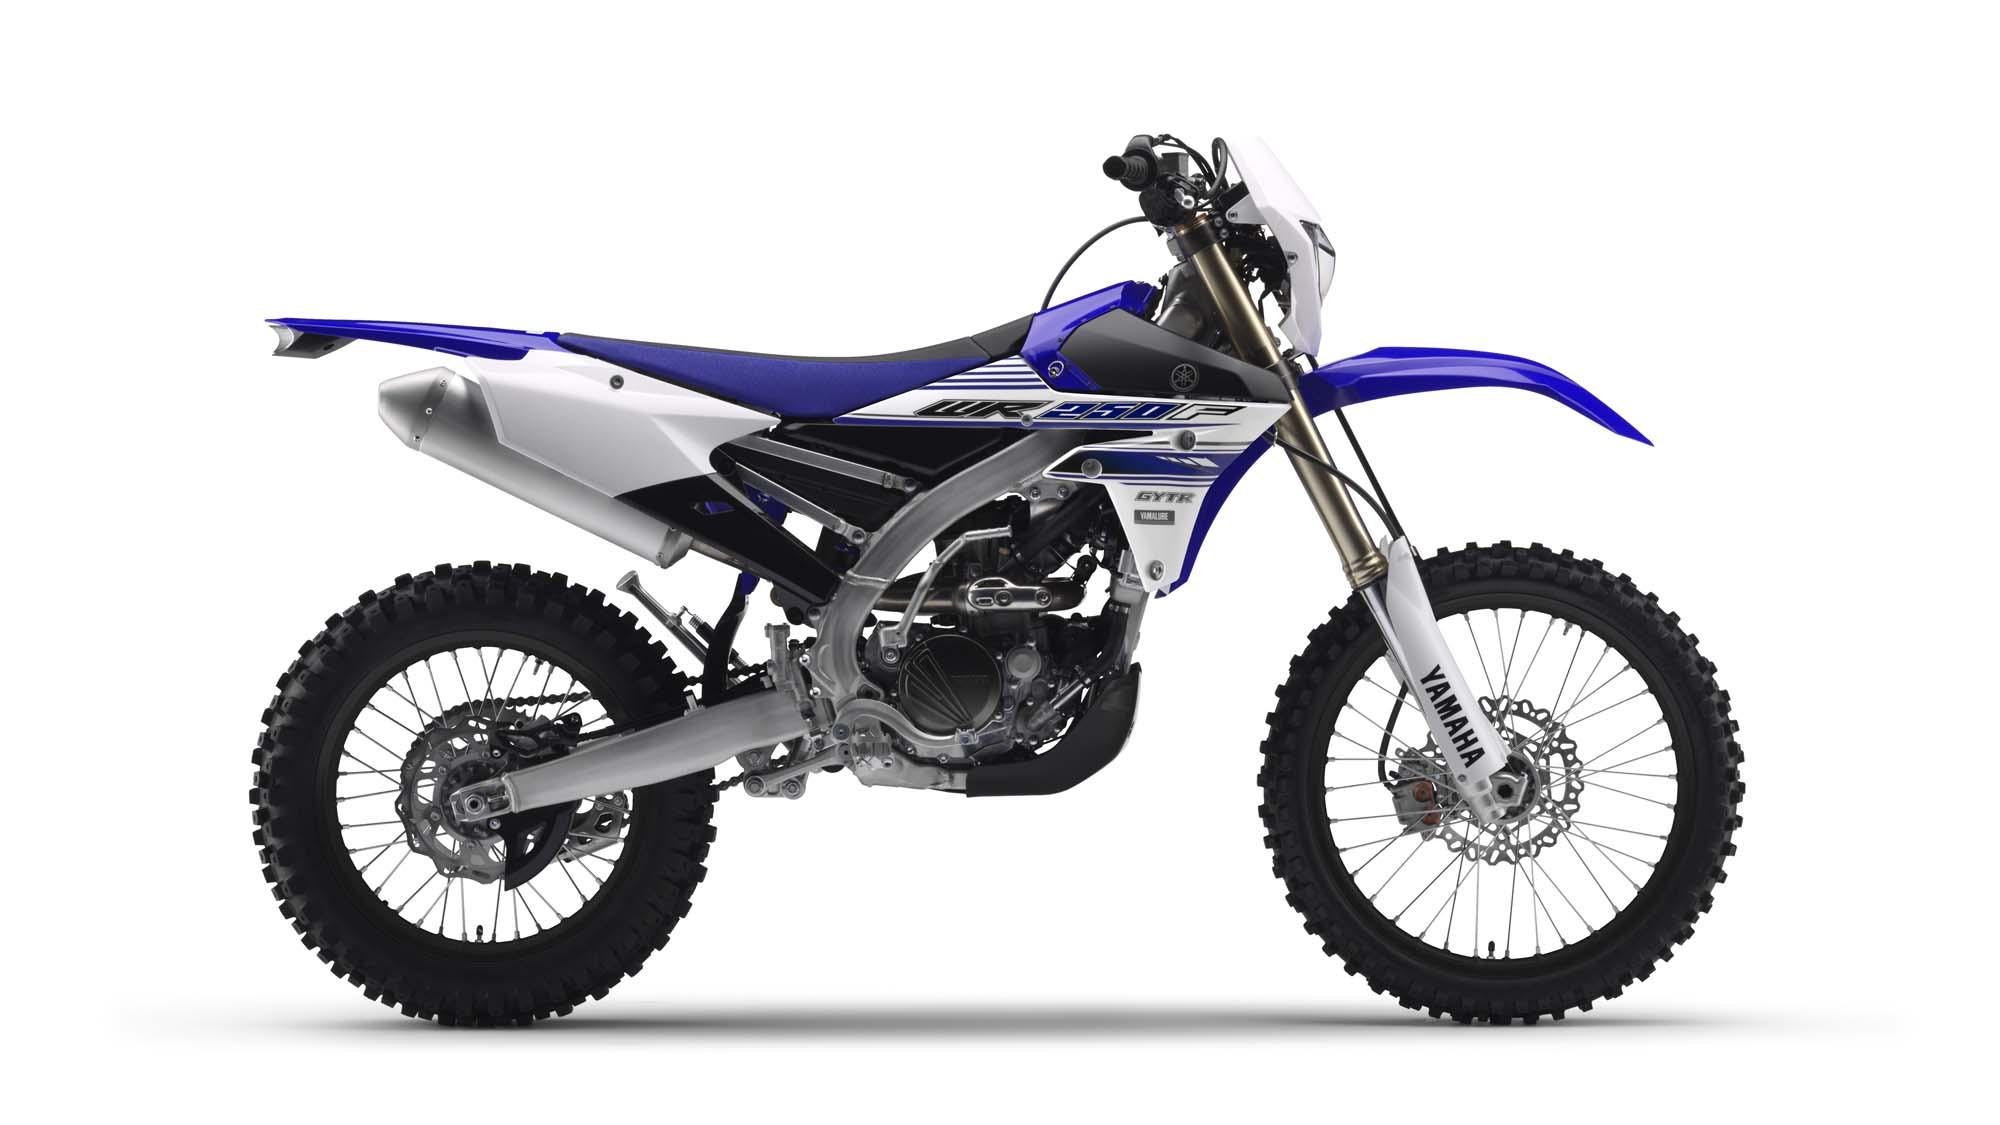 Gebrauchte yamaha wr 250f motorr der kaufen for Yamaha wr 250 2017